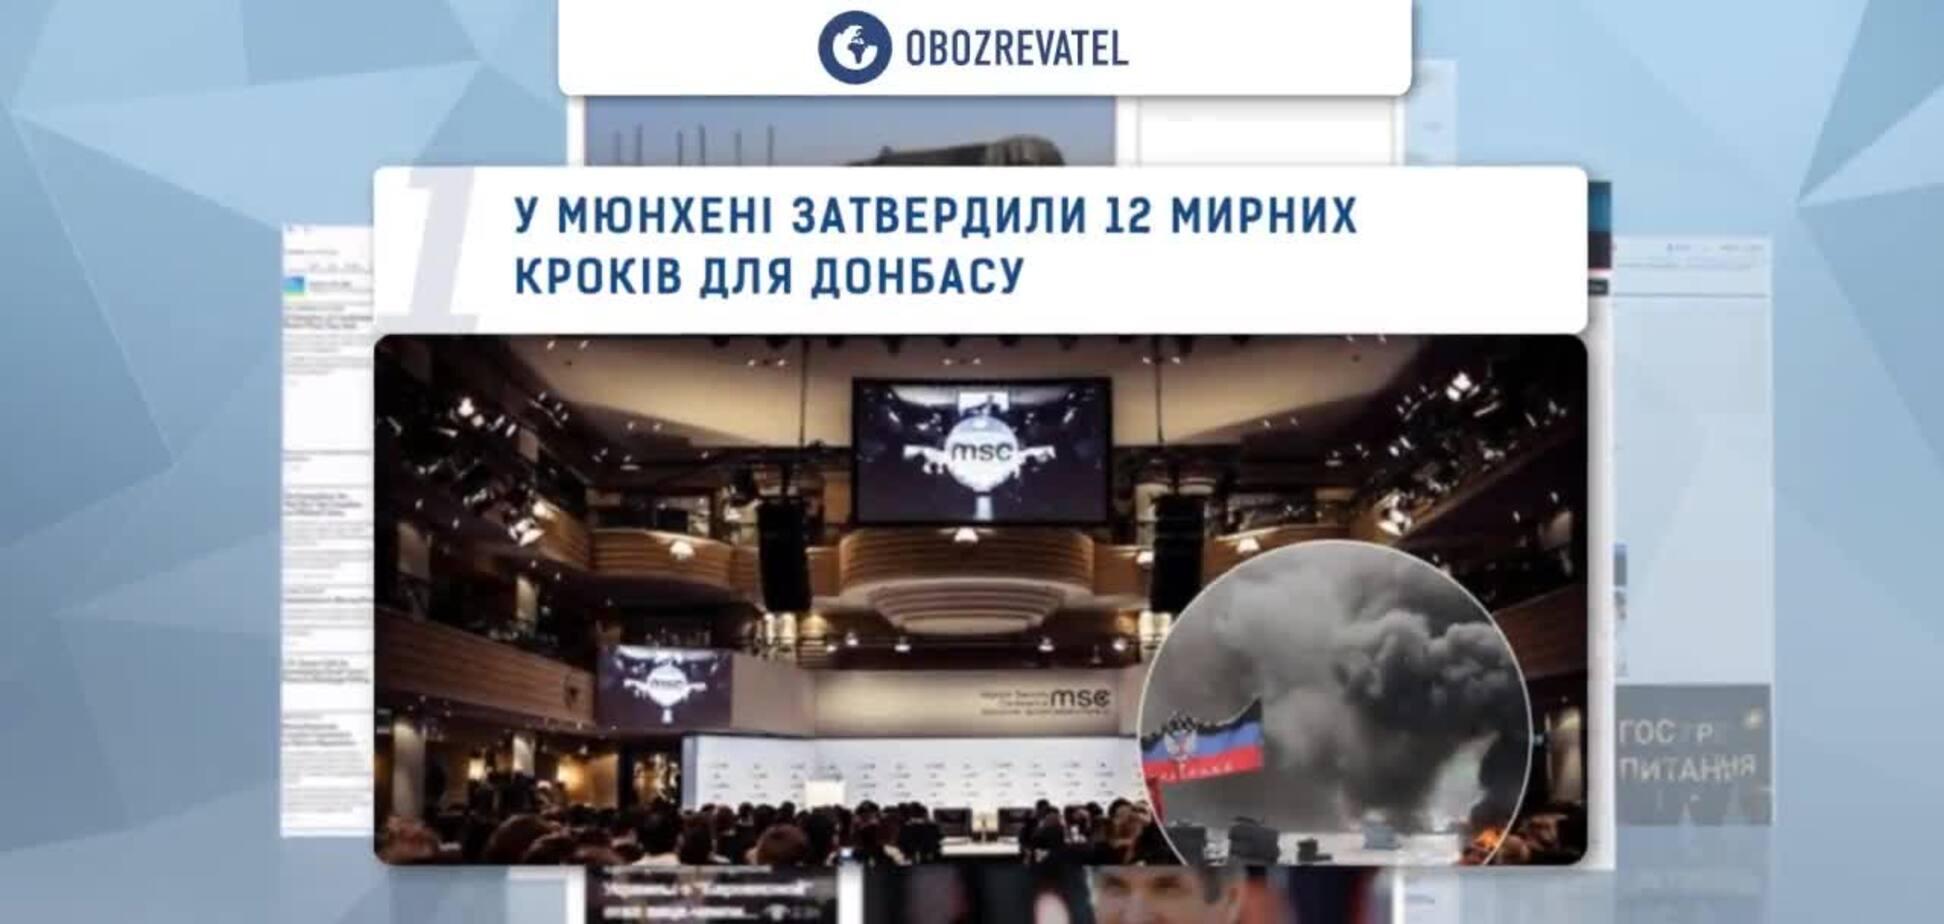 TOP 5 NEWS 14.02.2020